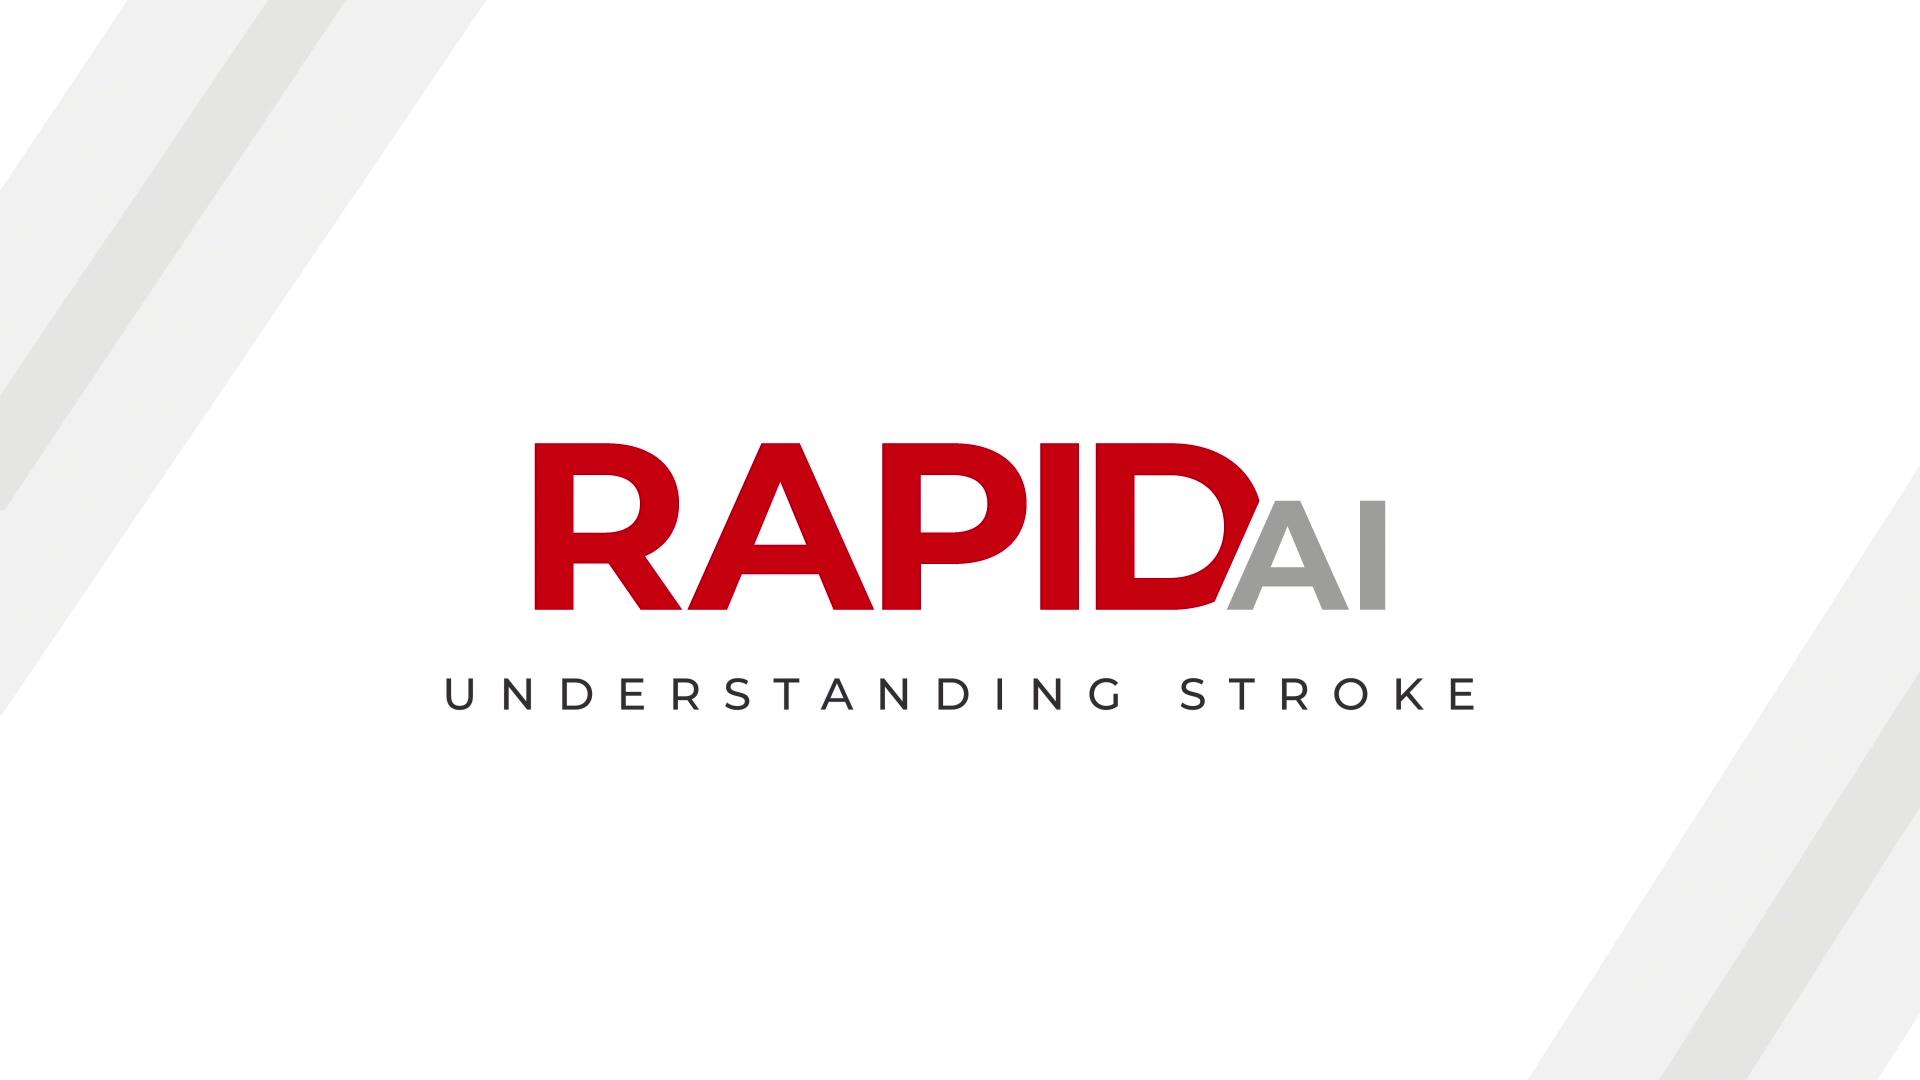 RapidAI_Understanding_Stroke